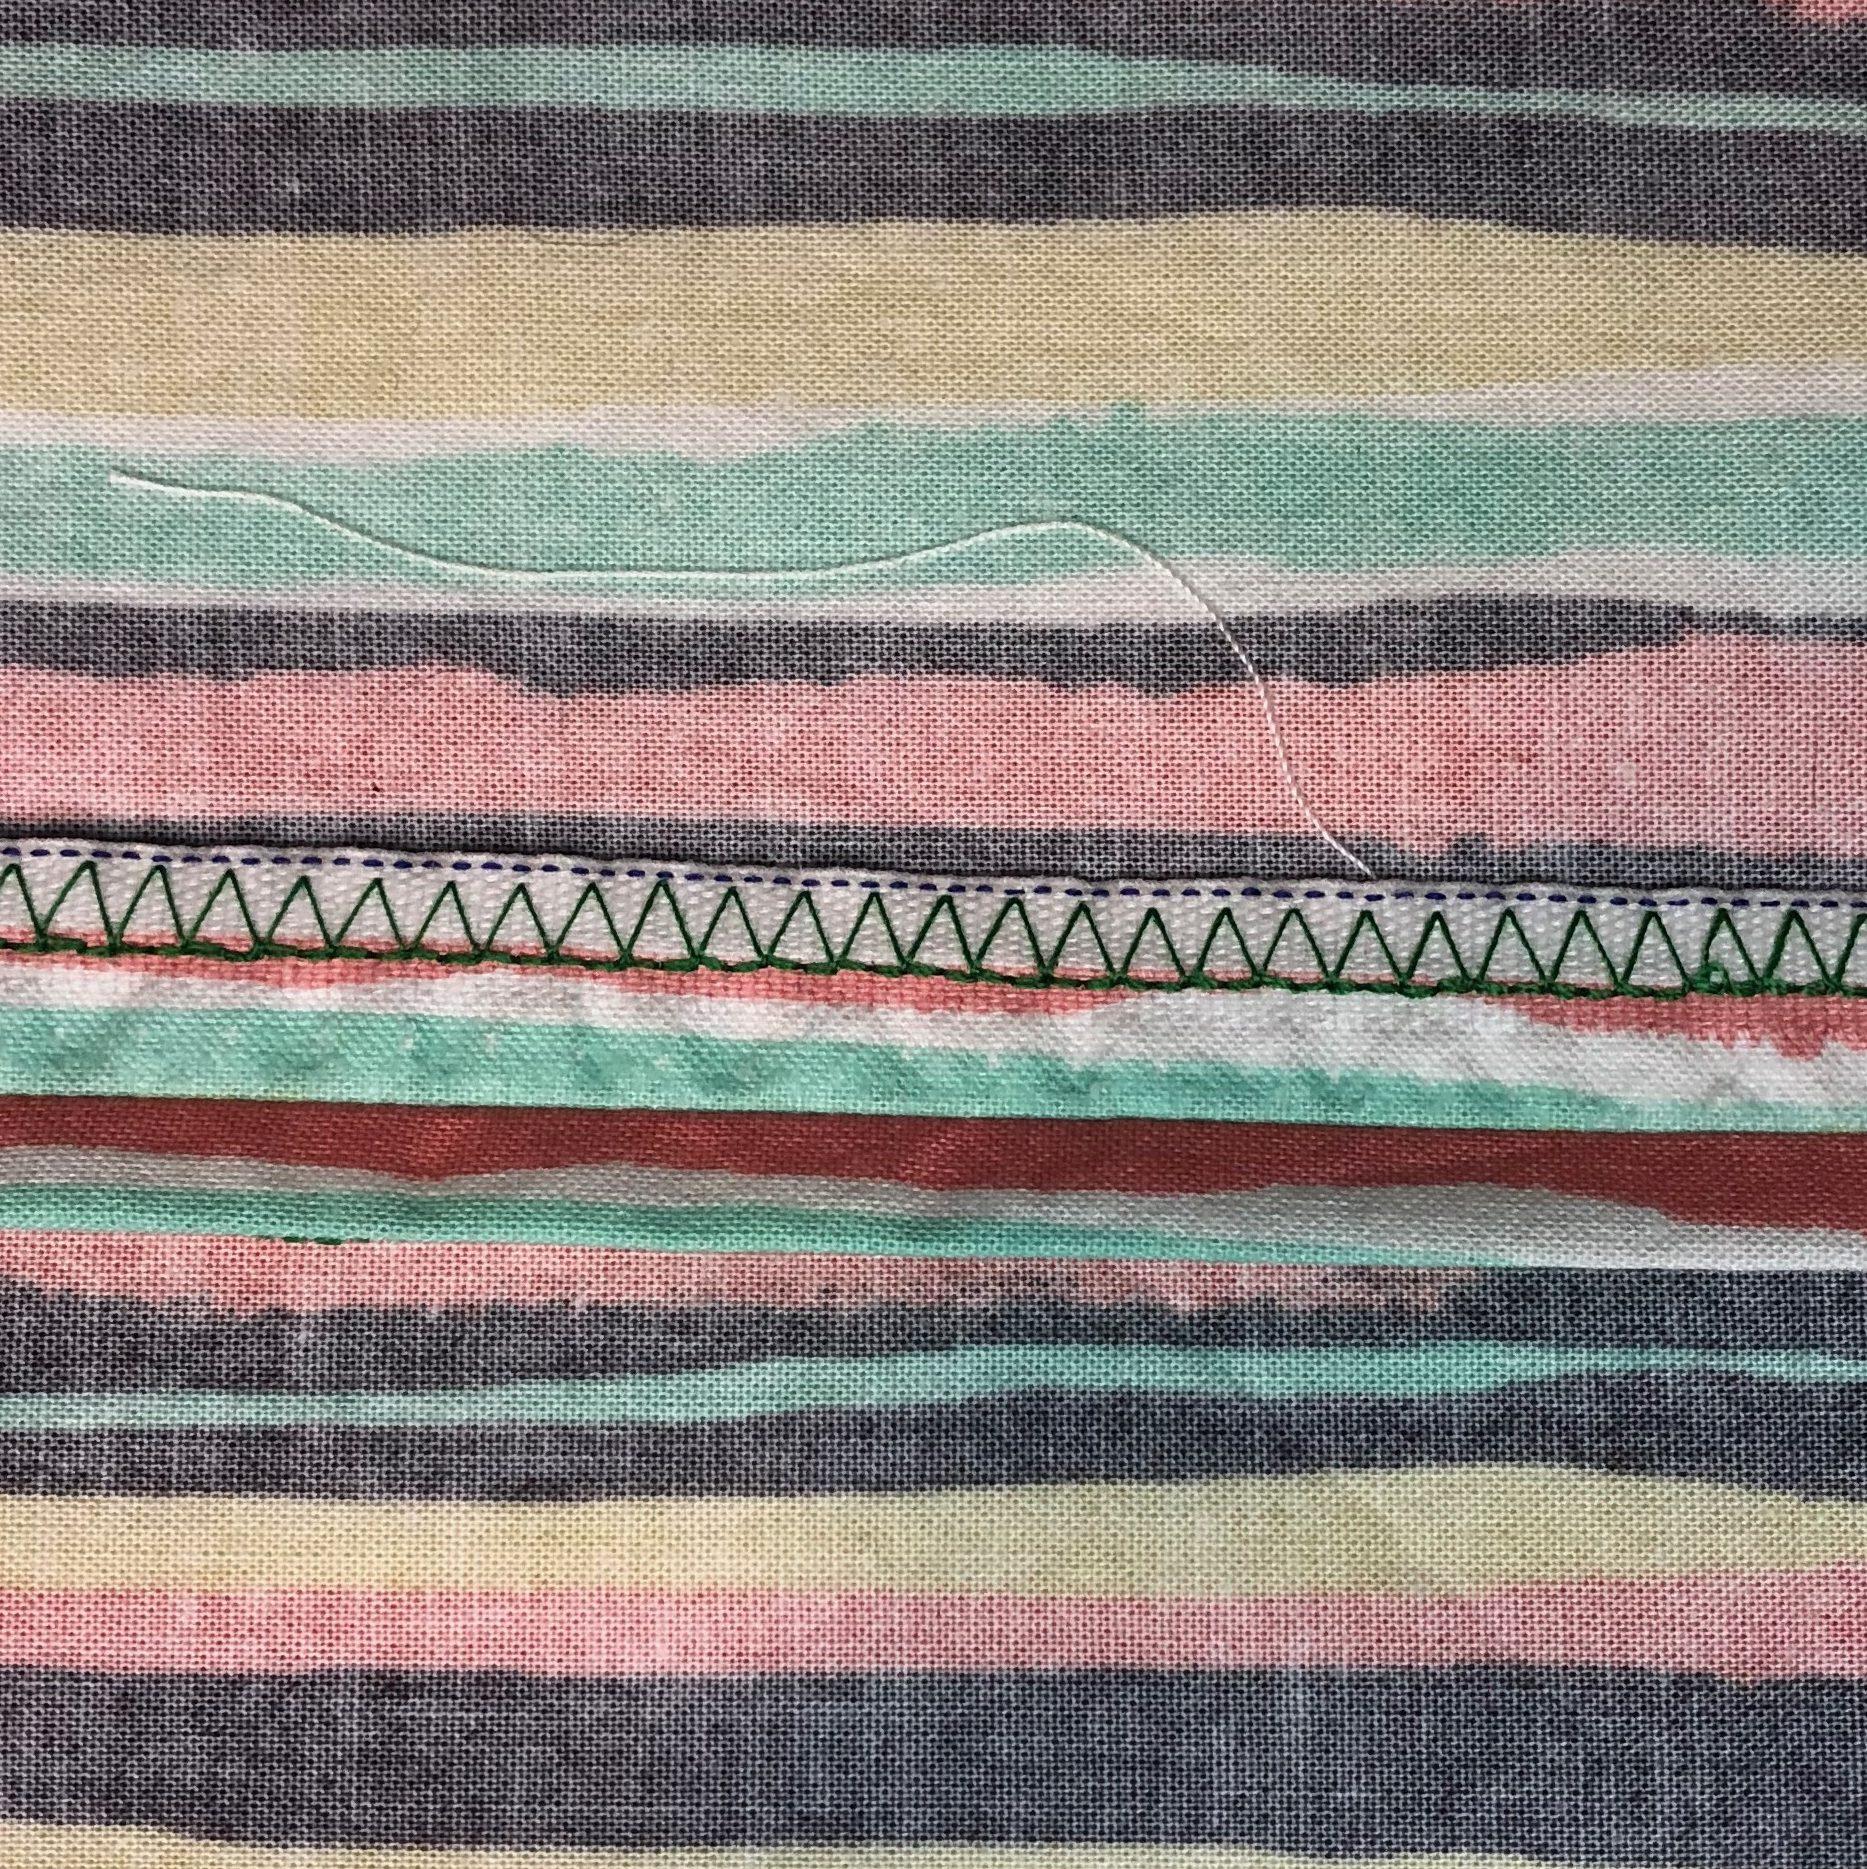 Over-edge stitched seam